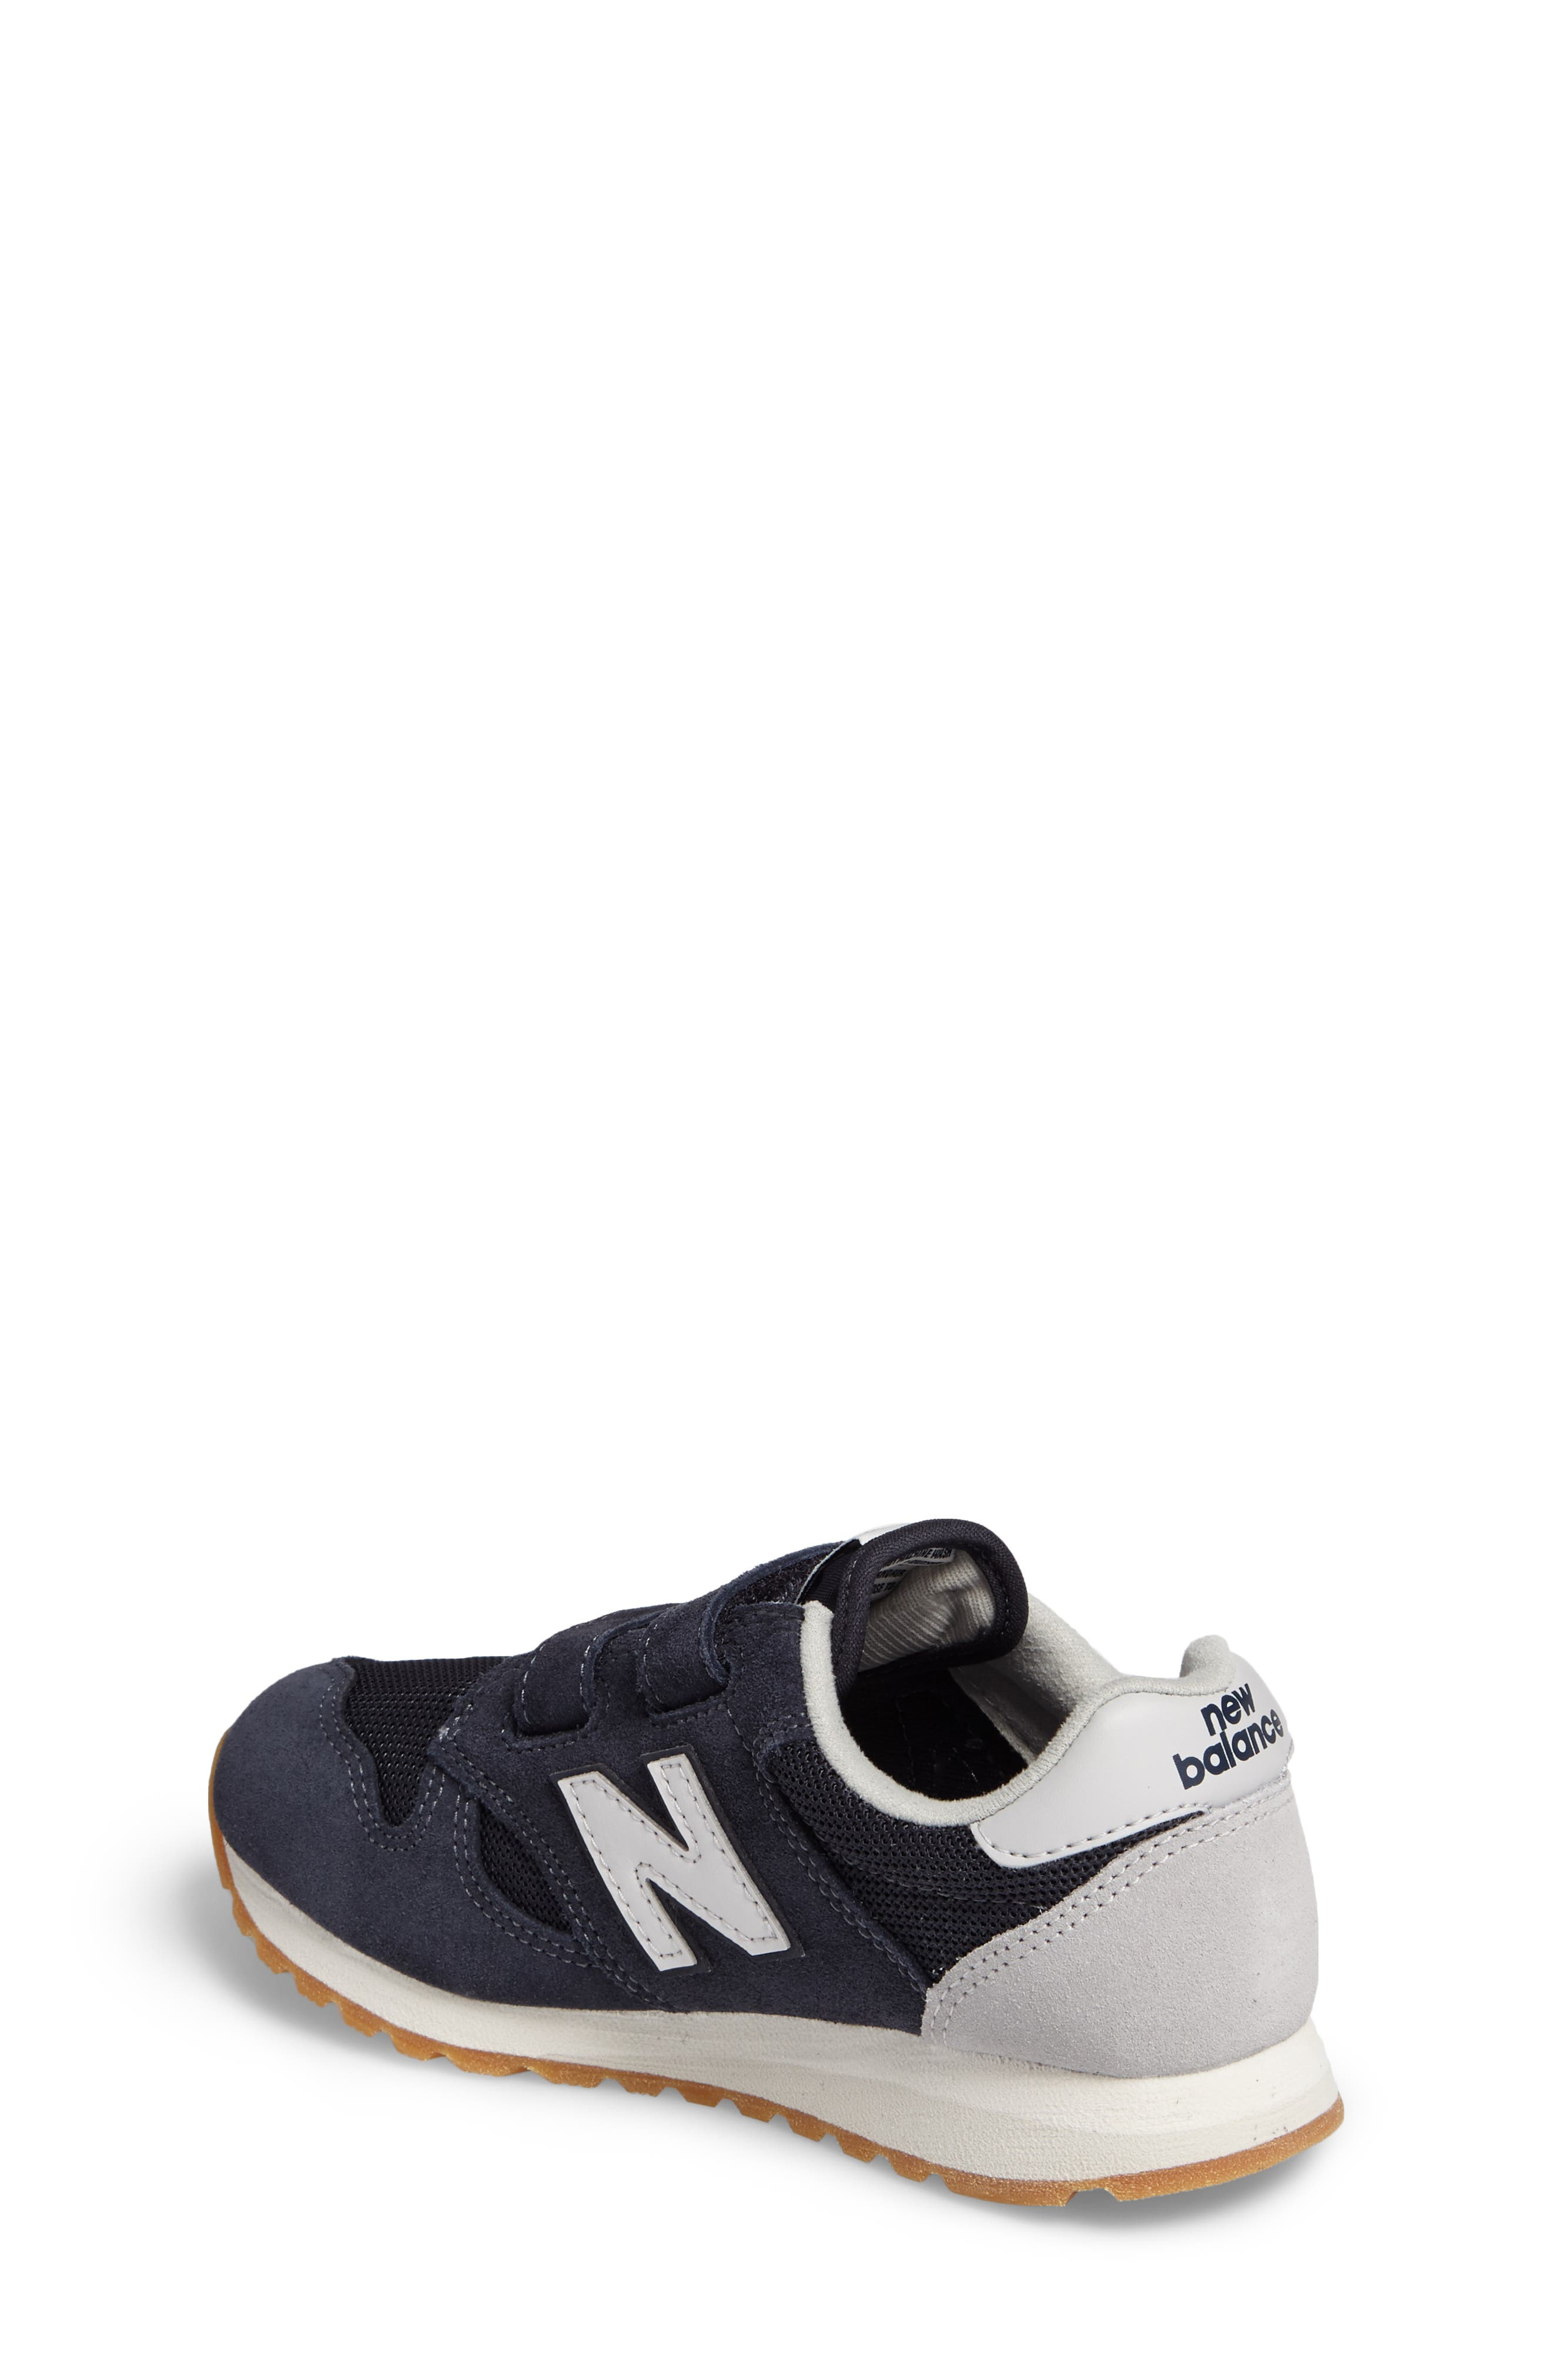 Alternate Image 2  - New Balance 520 Sneaker (Baby, Walker, Toddler & Little Kid)